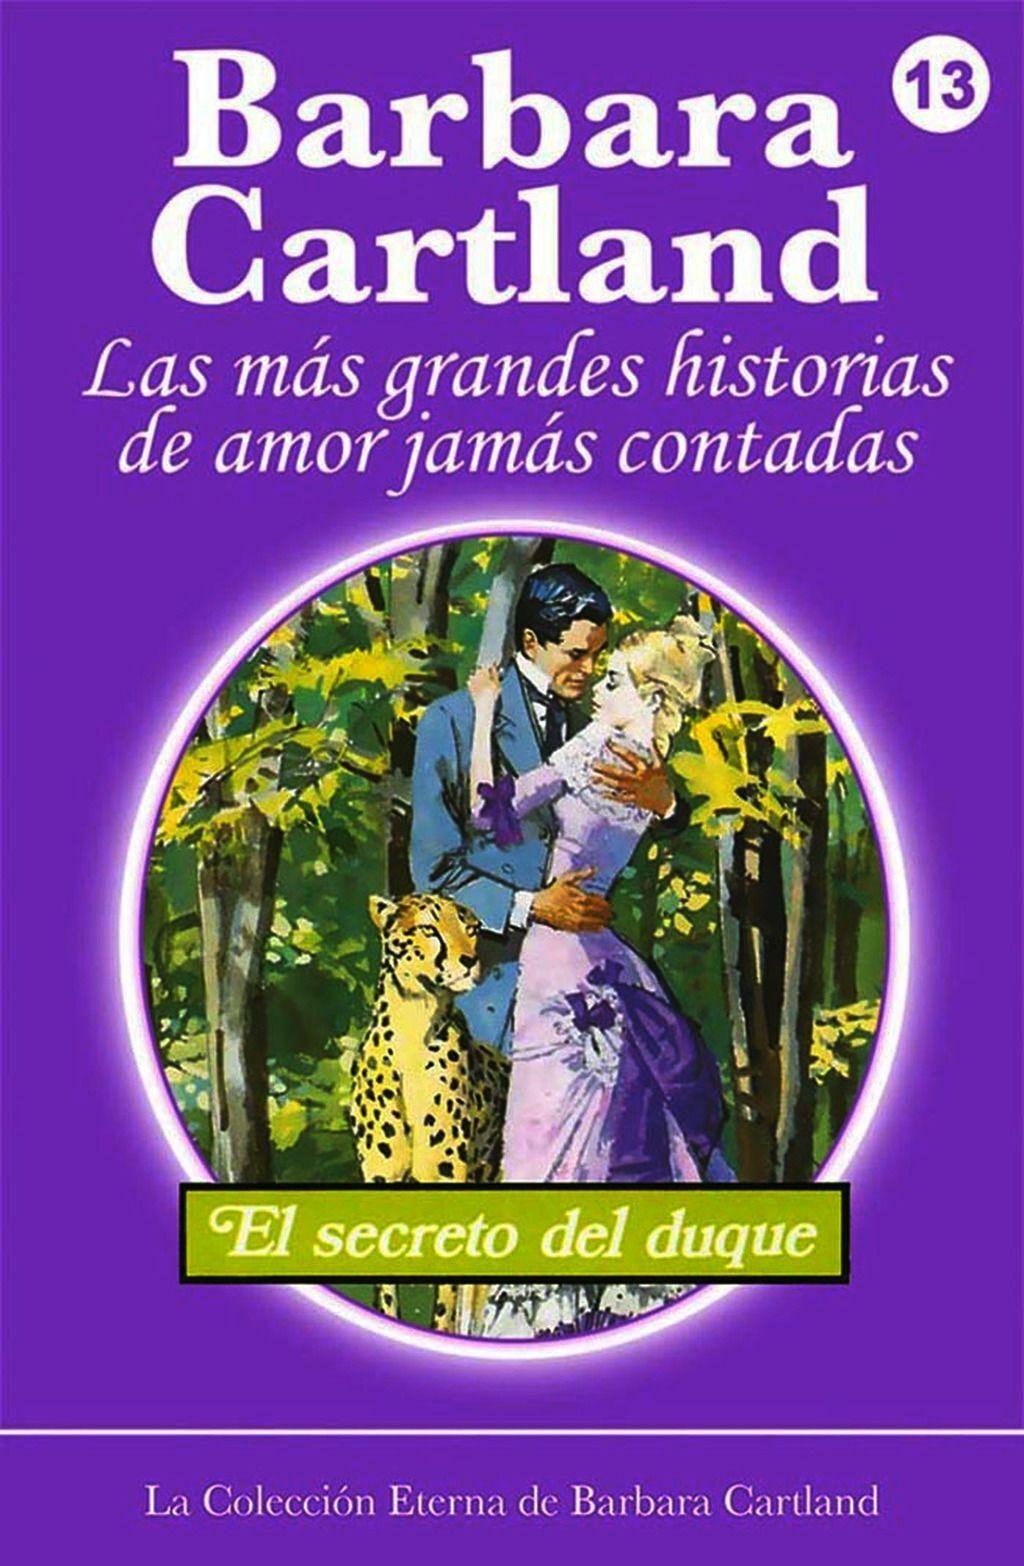 13. El Secreto Del Duque